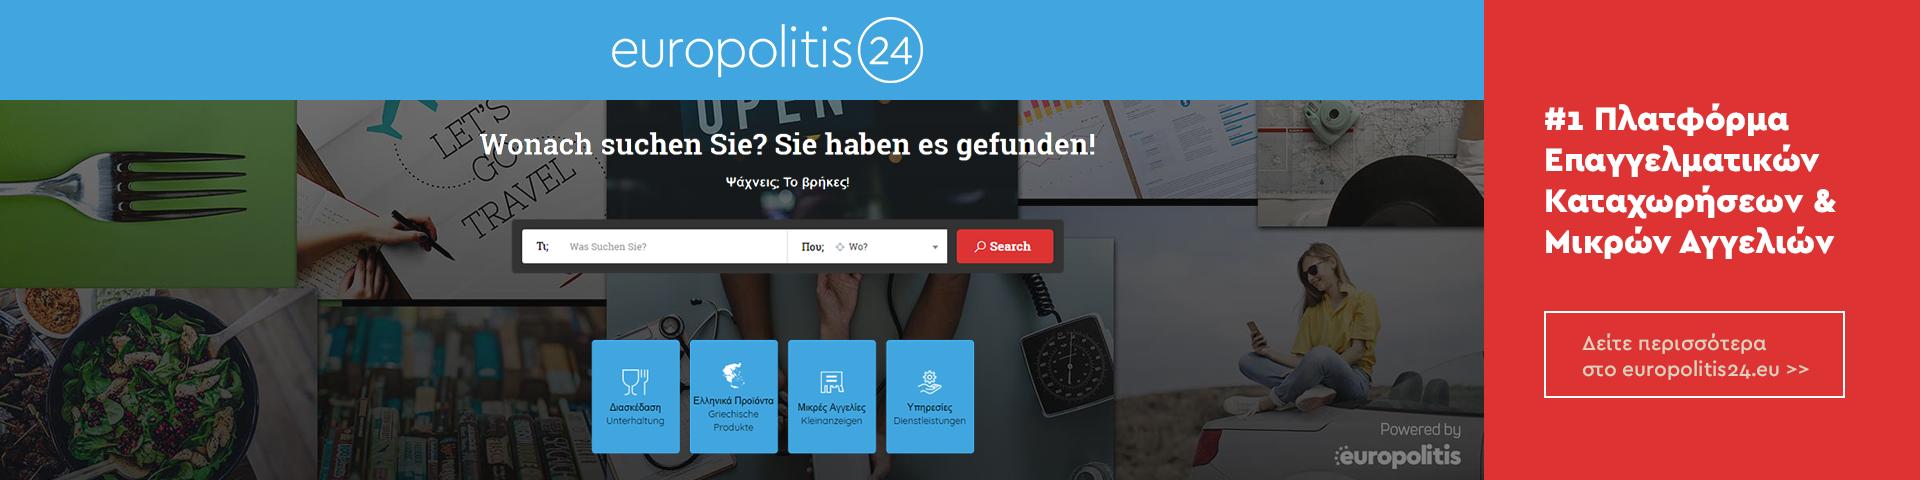 Europolitis 24